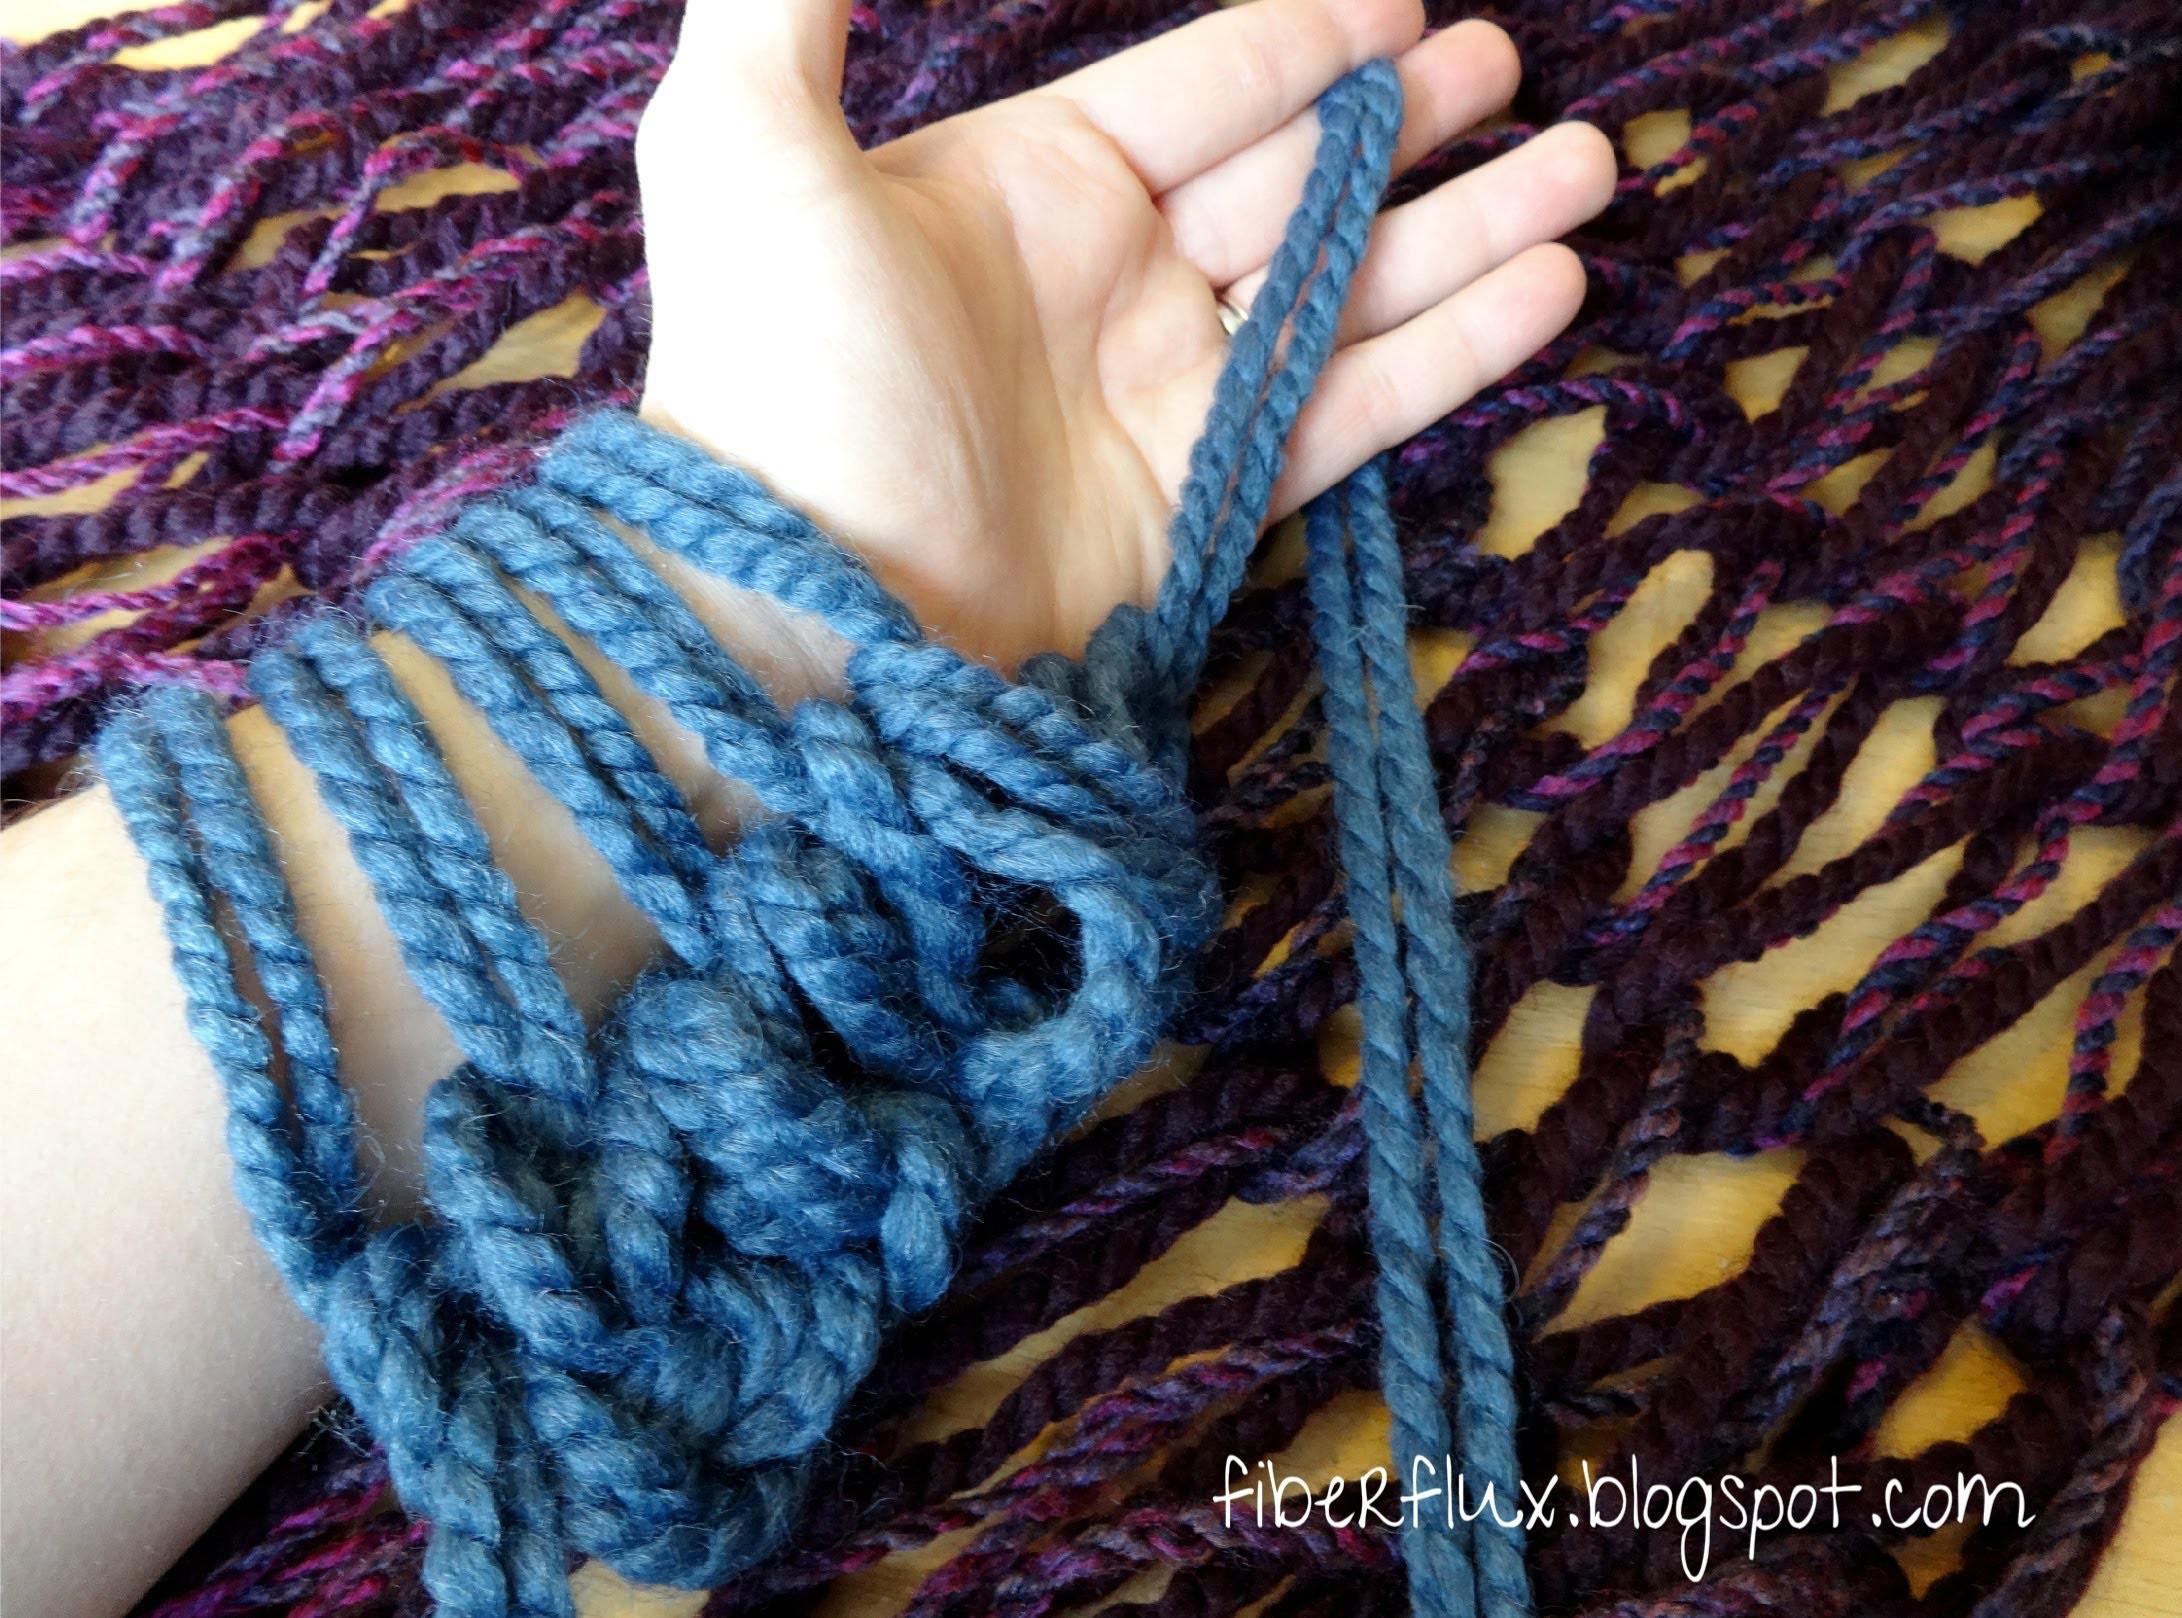 Episode 37: Basics of Arm Knitting